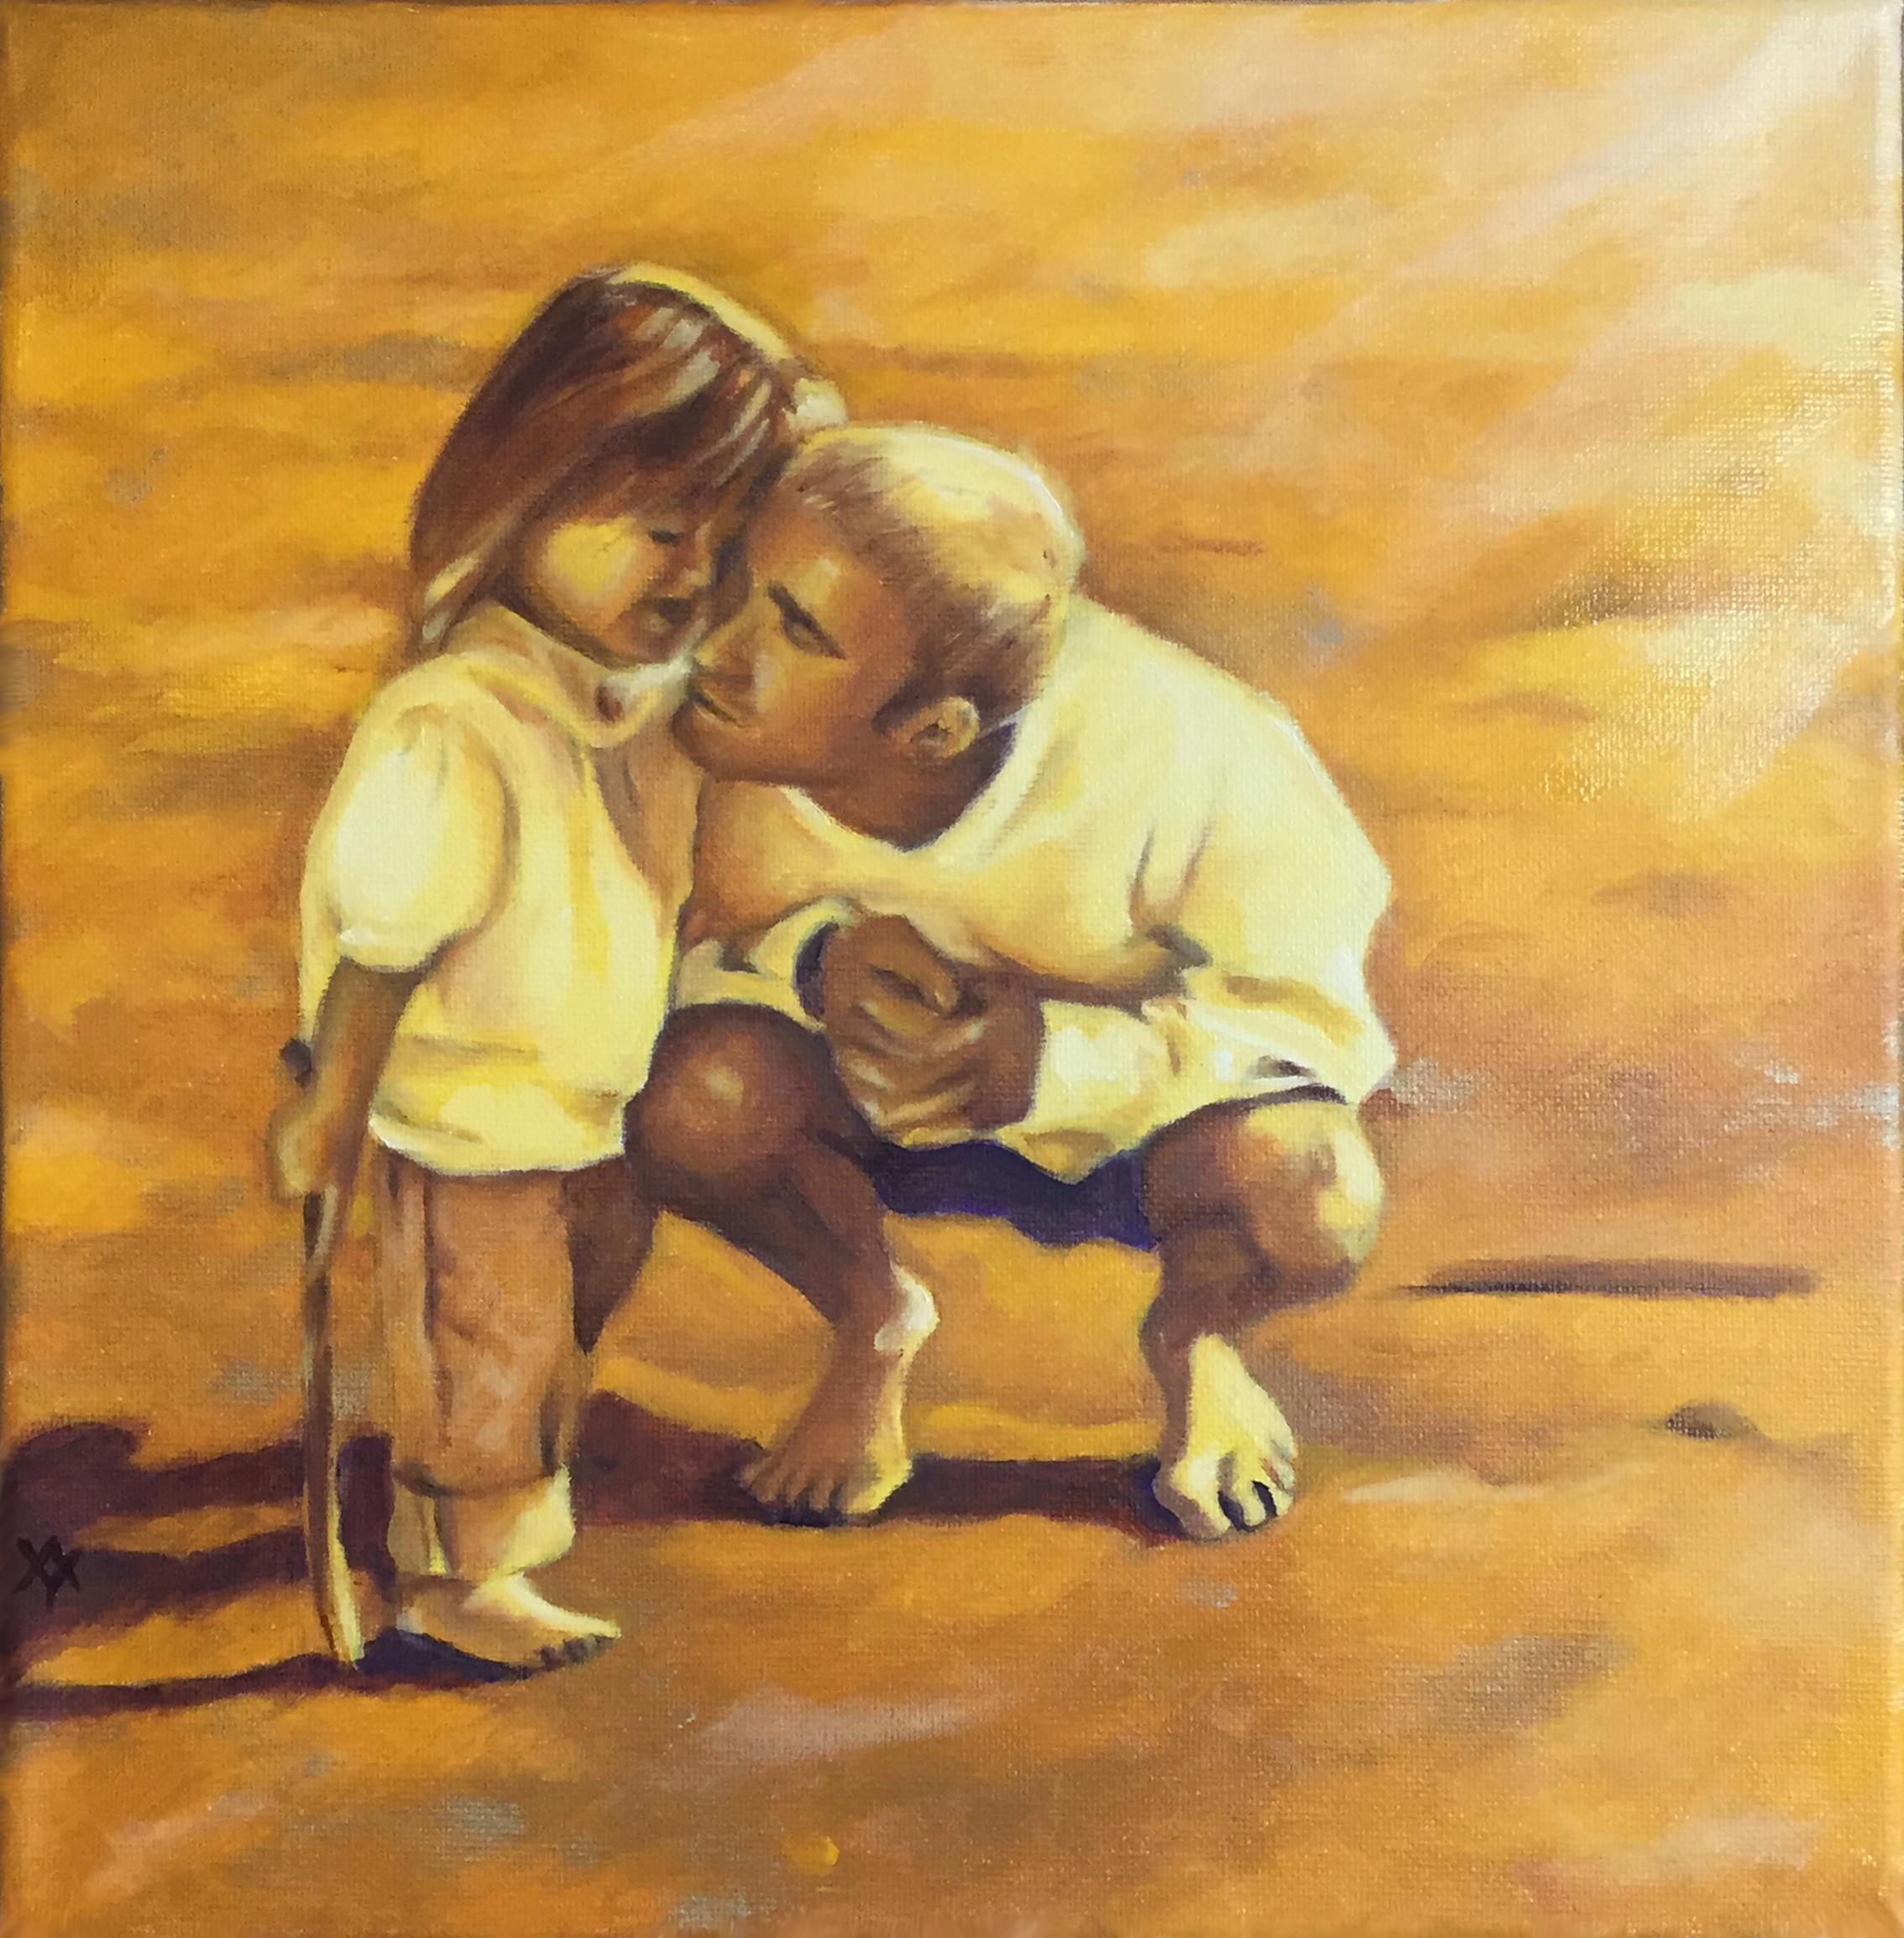 Sami and Dad, Memorial